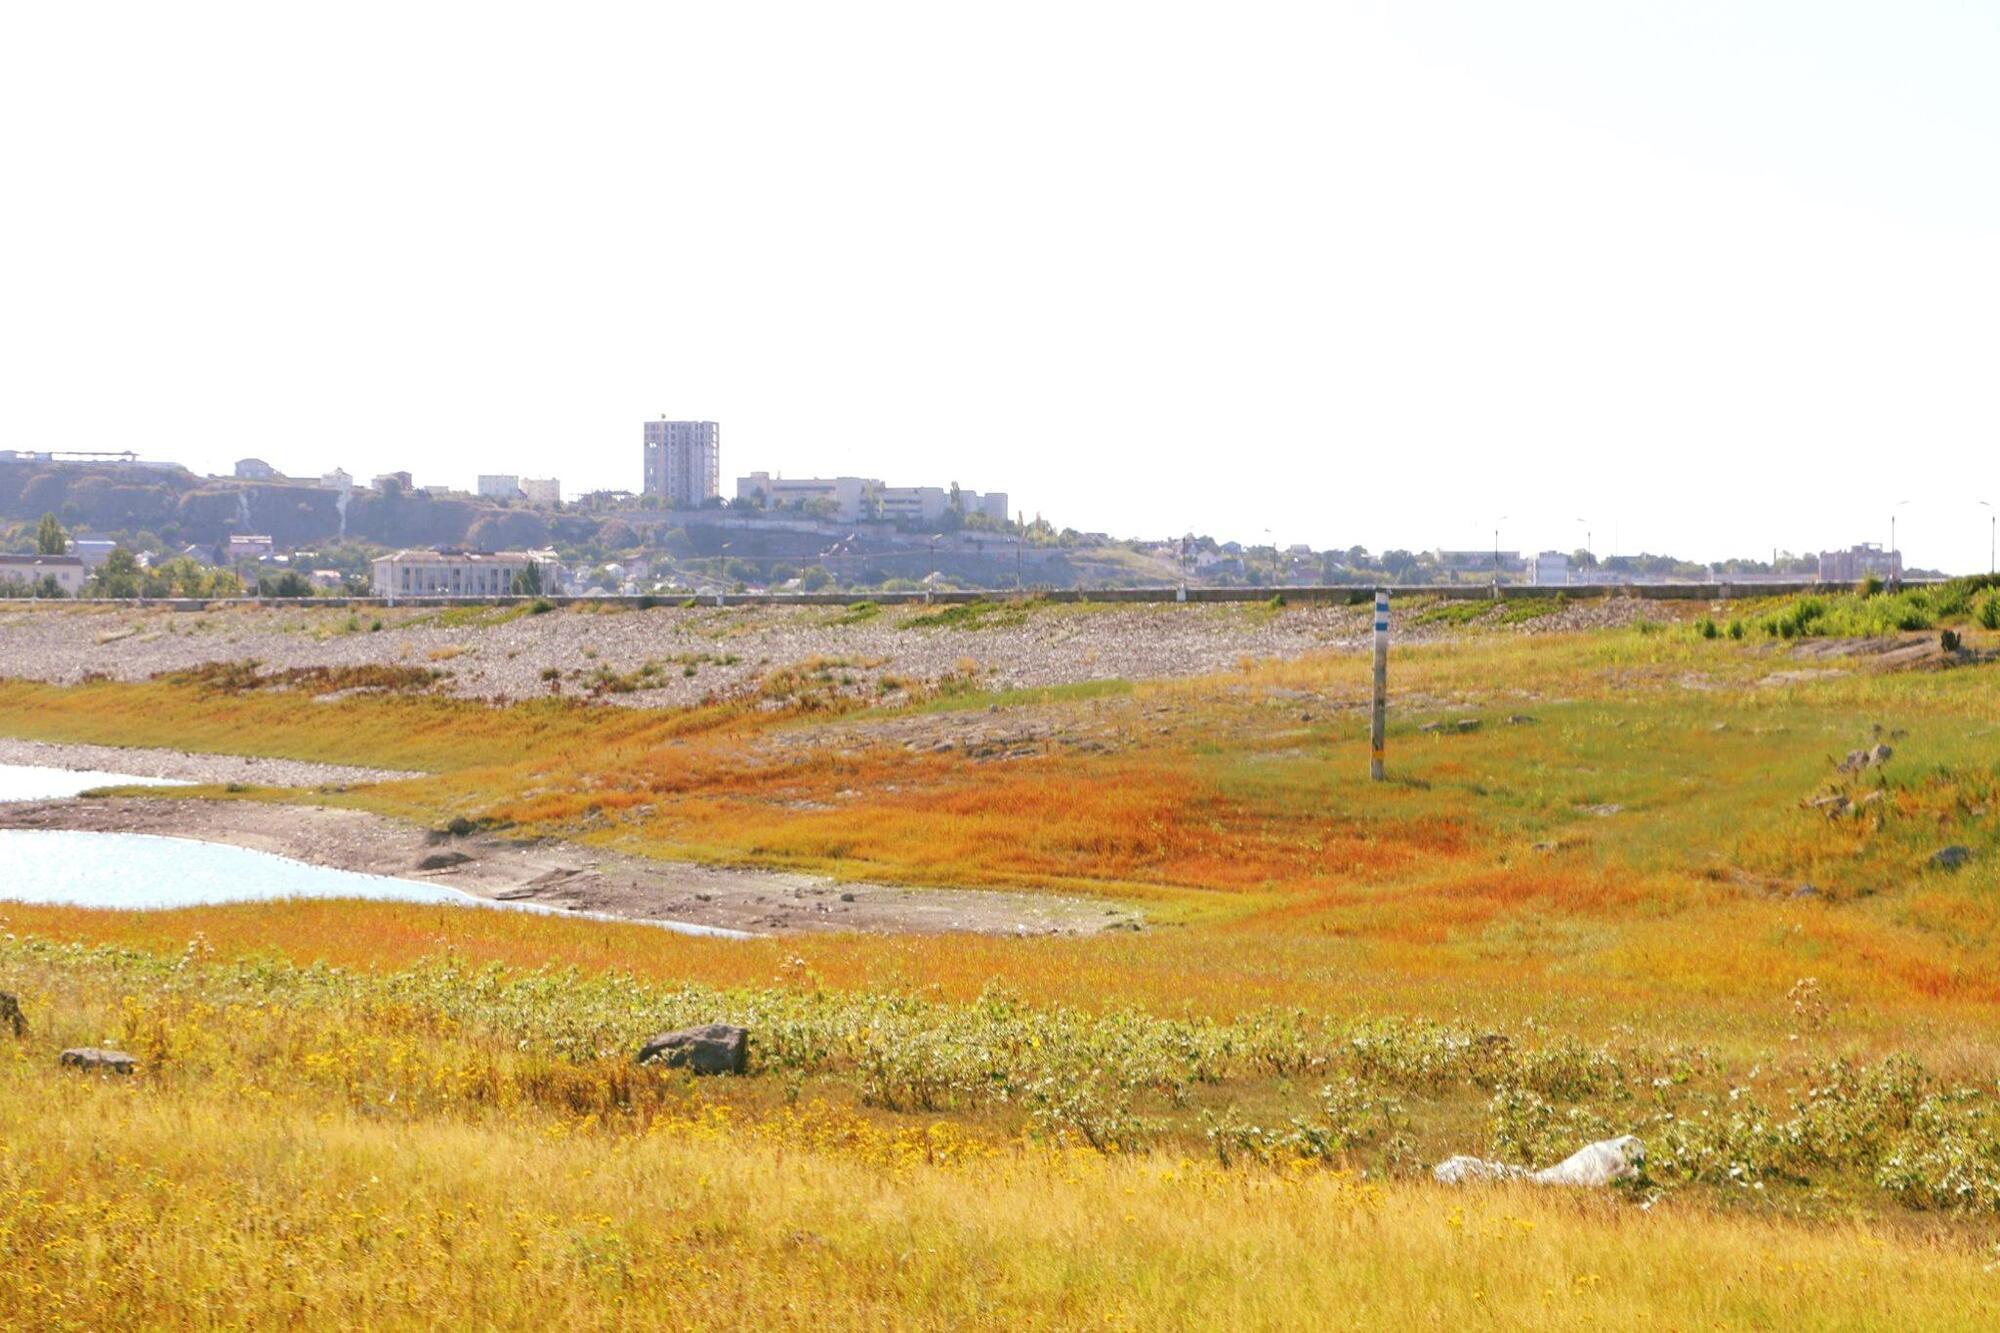 За останній місяць запаси водосховищ Криму зменшилися на 10 млн кубометрів